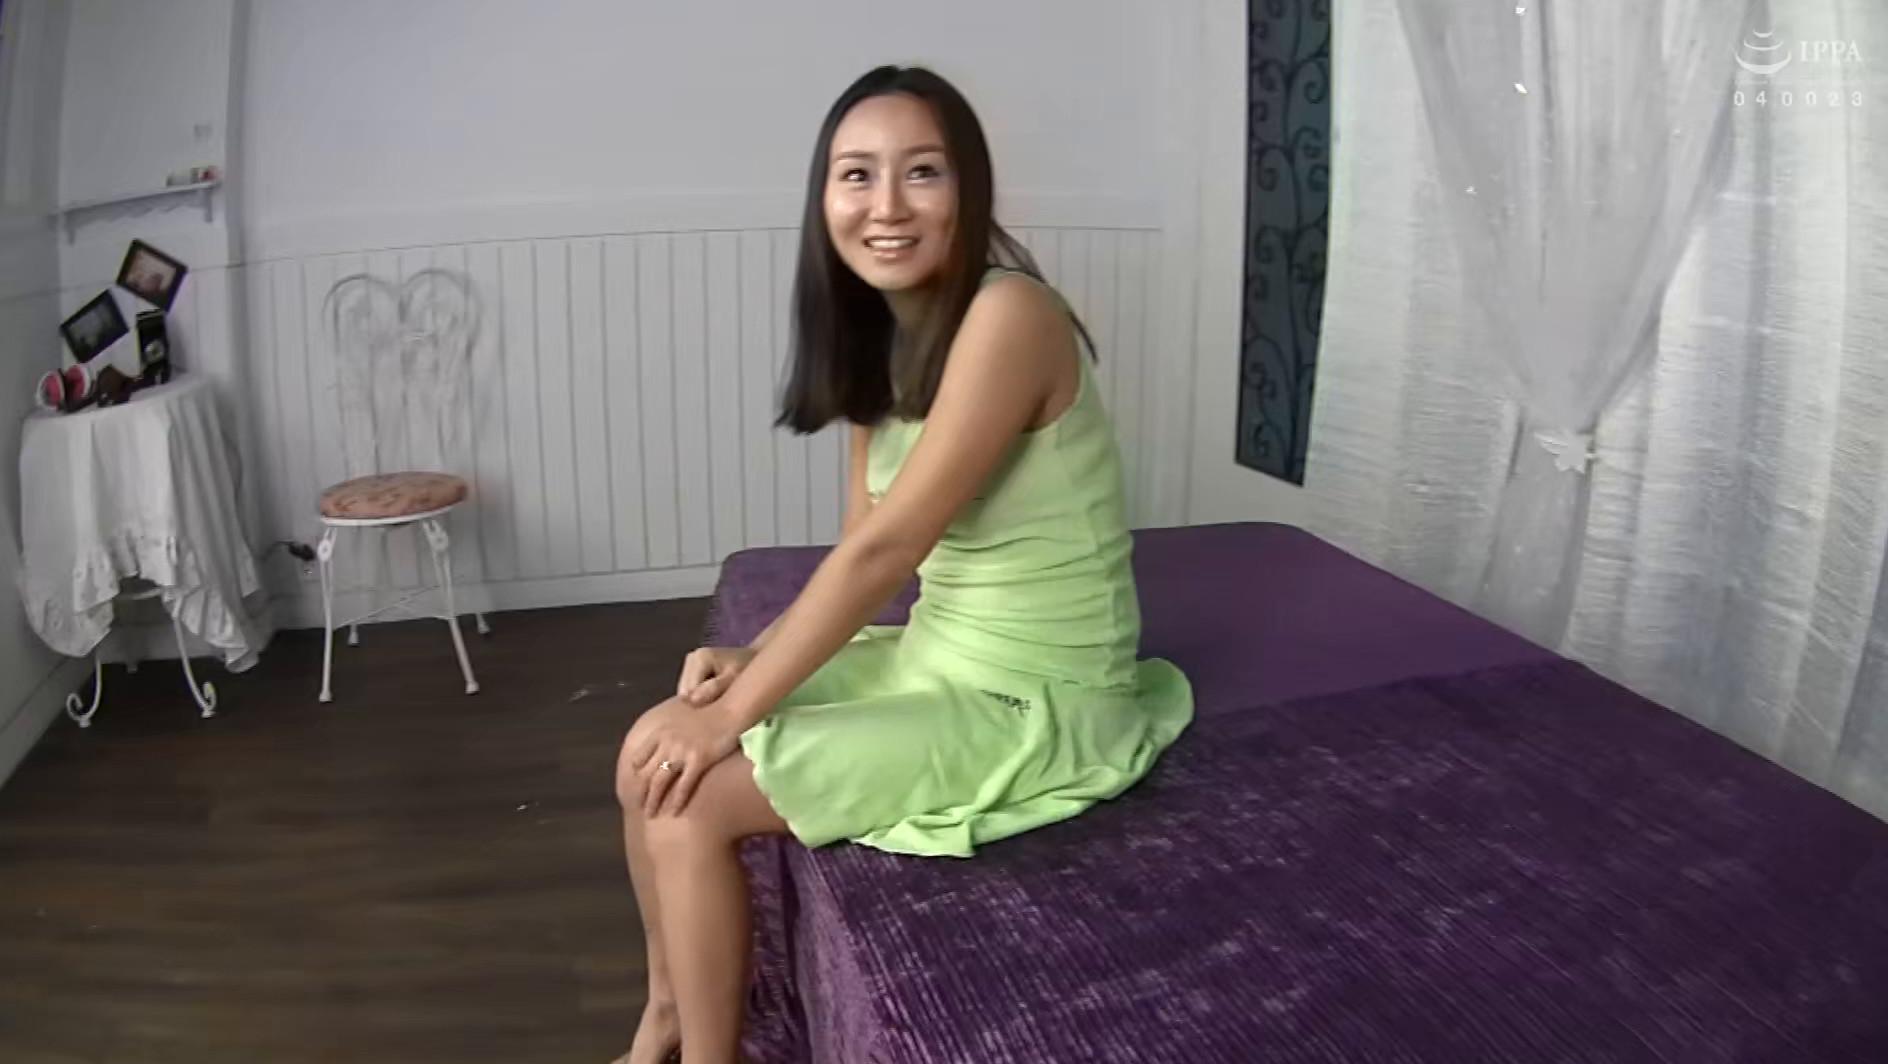 韓国で見つけたモデル系美人の彼女は、オトコもチ〇ポも勃て上手!前戯よりも本番好きで挿入った途端に確変モード突入!!